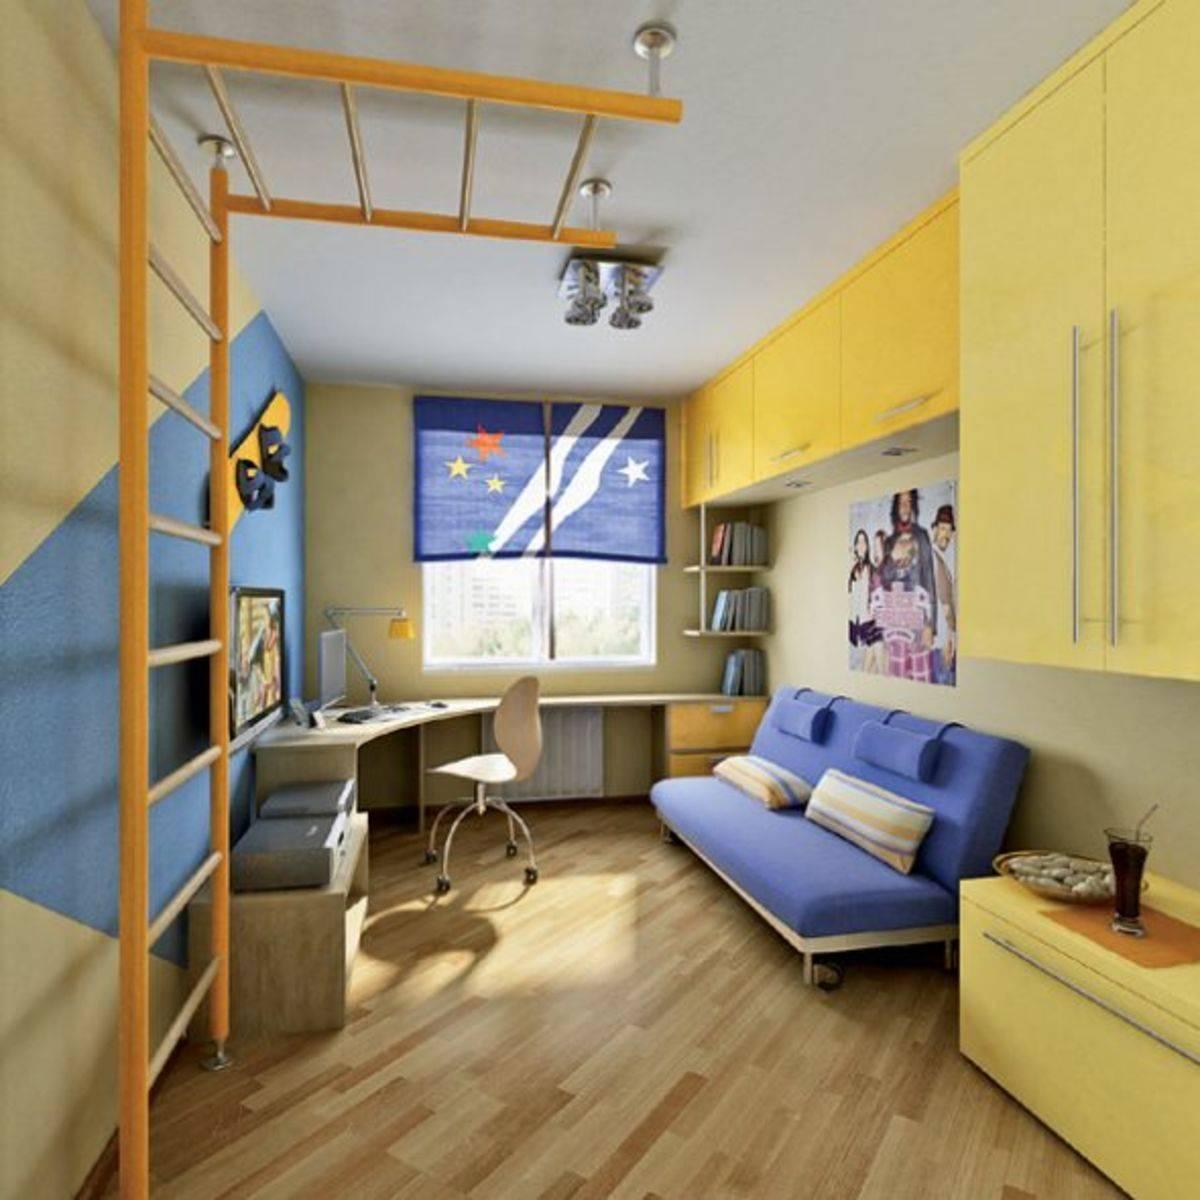 Дизайн детской комнаты для мальчика - идеи интерьера +50 фото